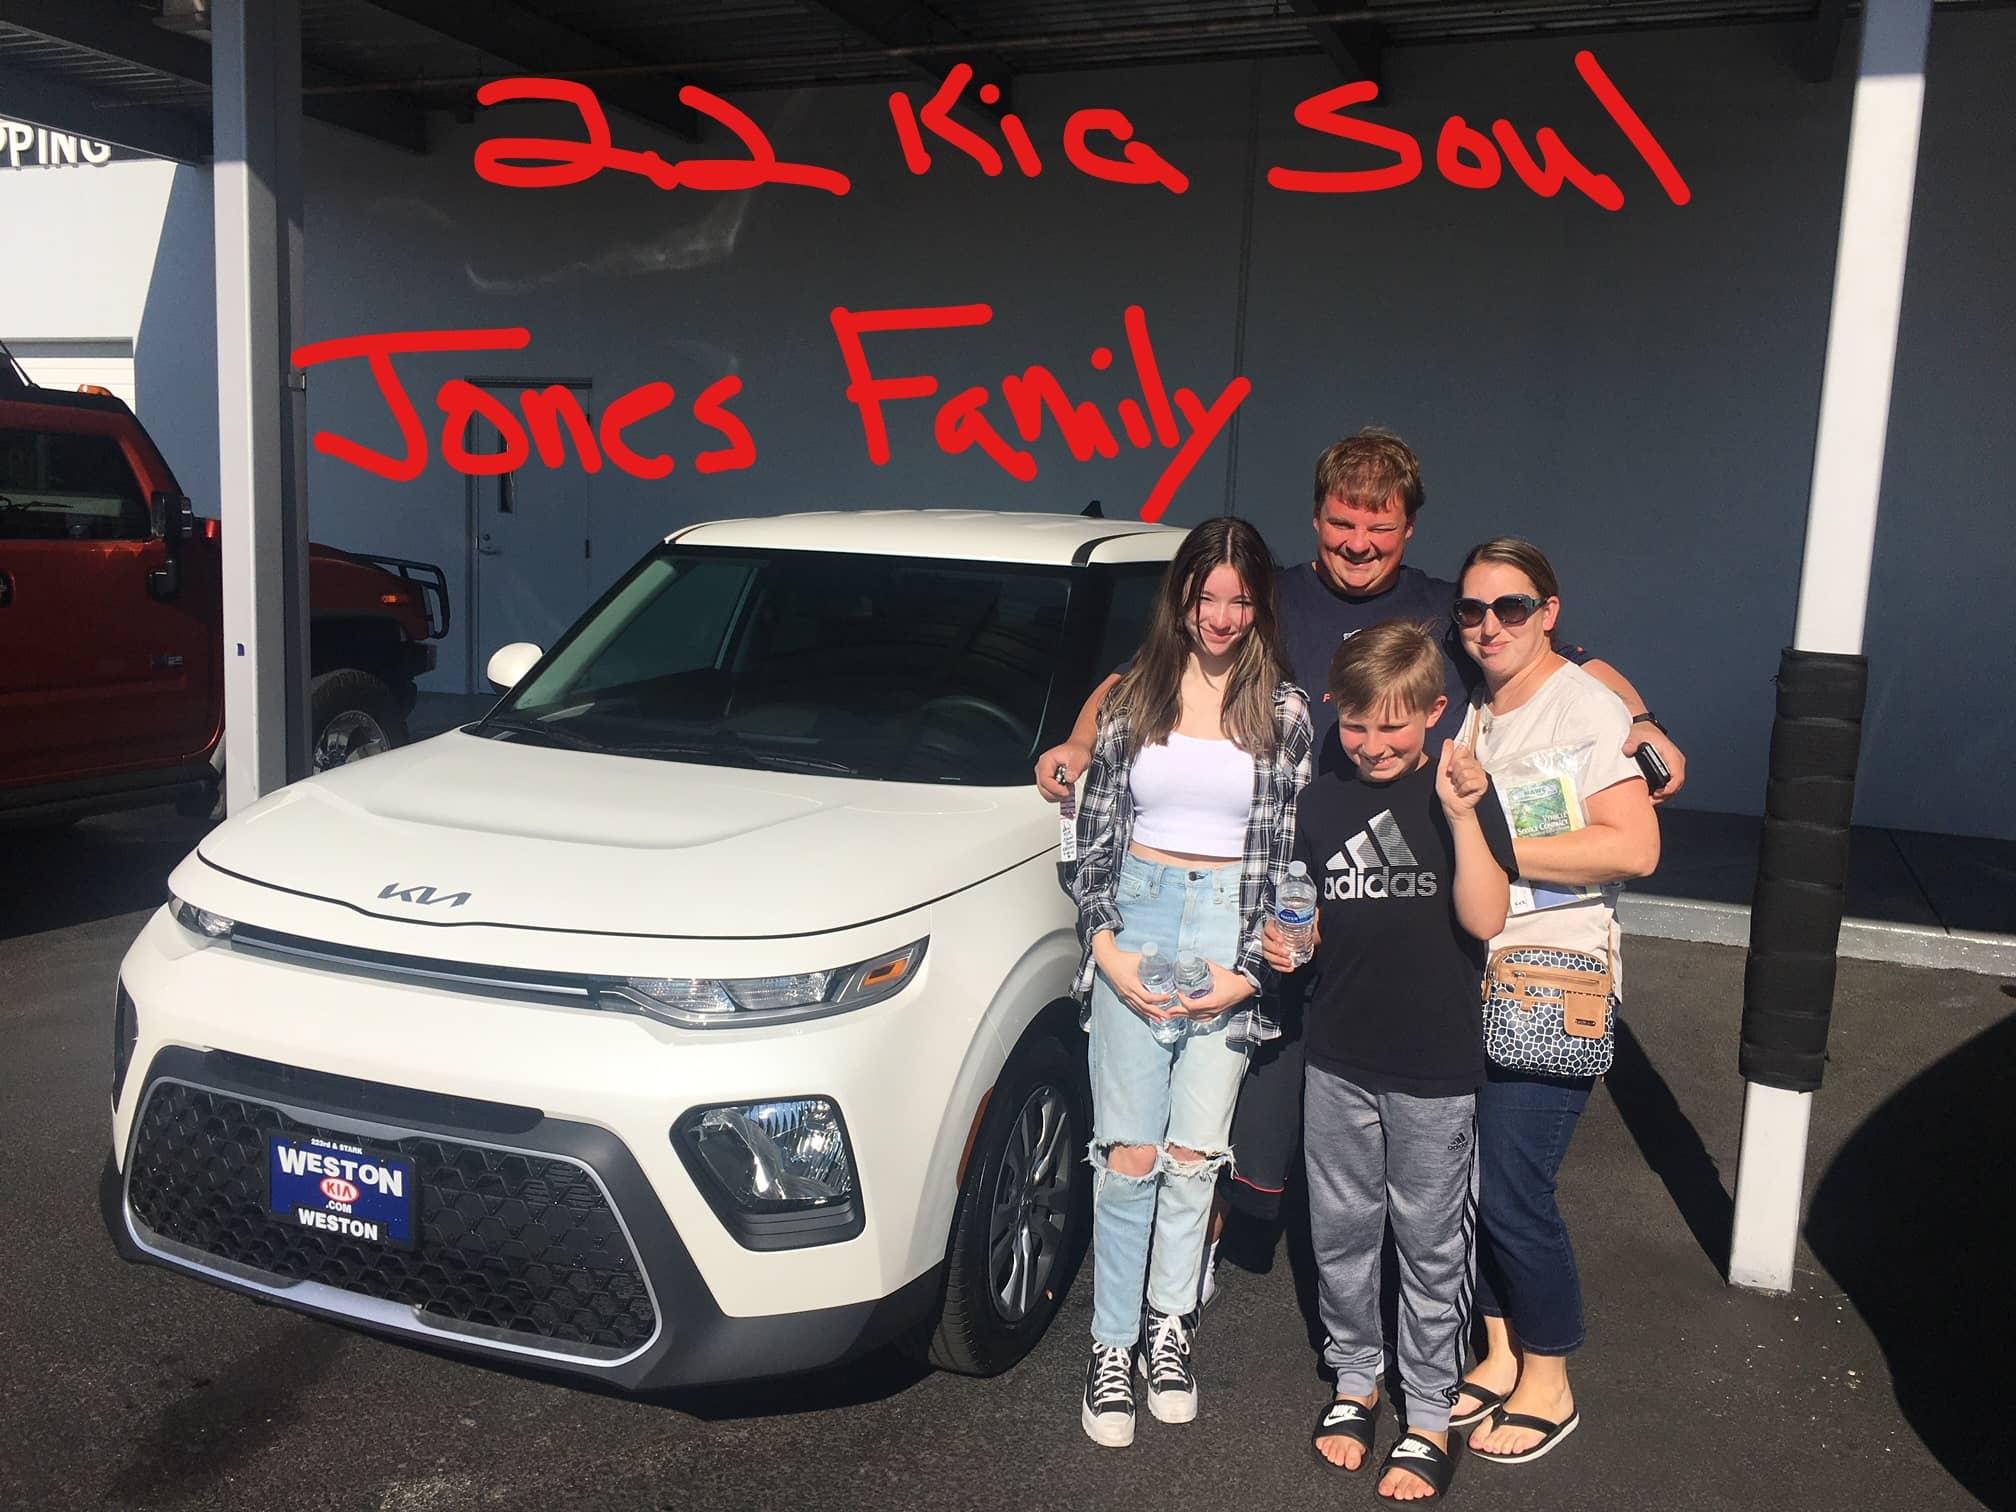 22 Kia Soul Jones Family